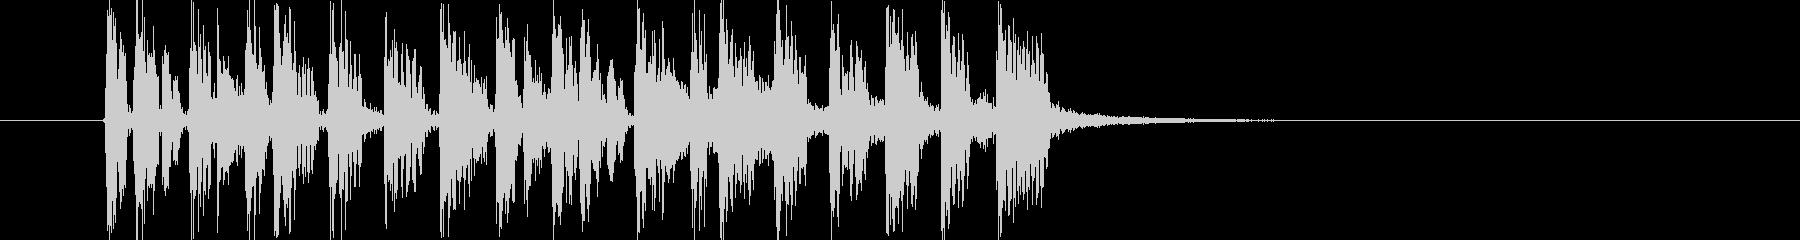 テクノポップスなジングル曲、サウンドロゴの未再生の波形